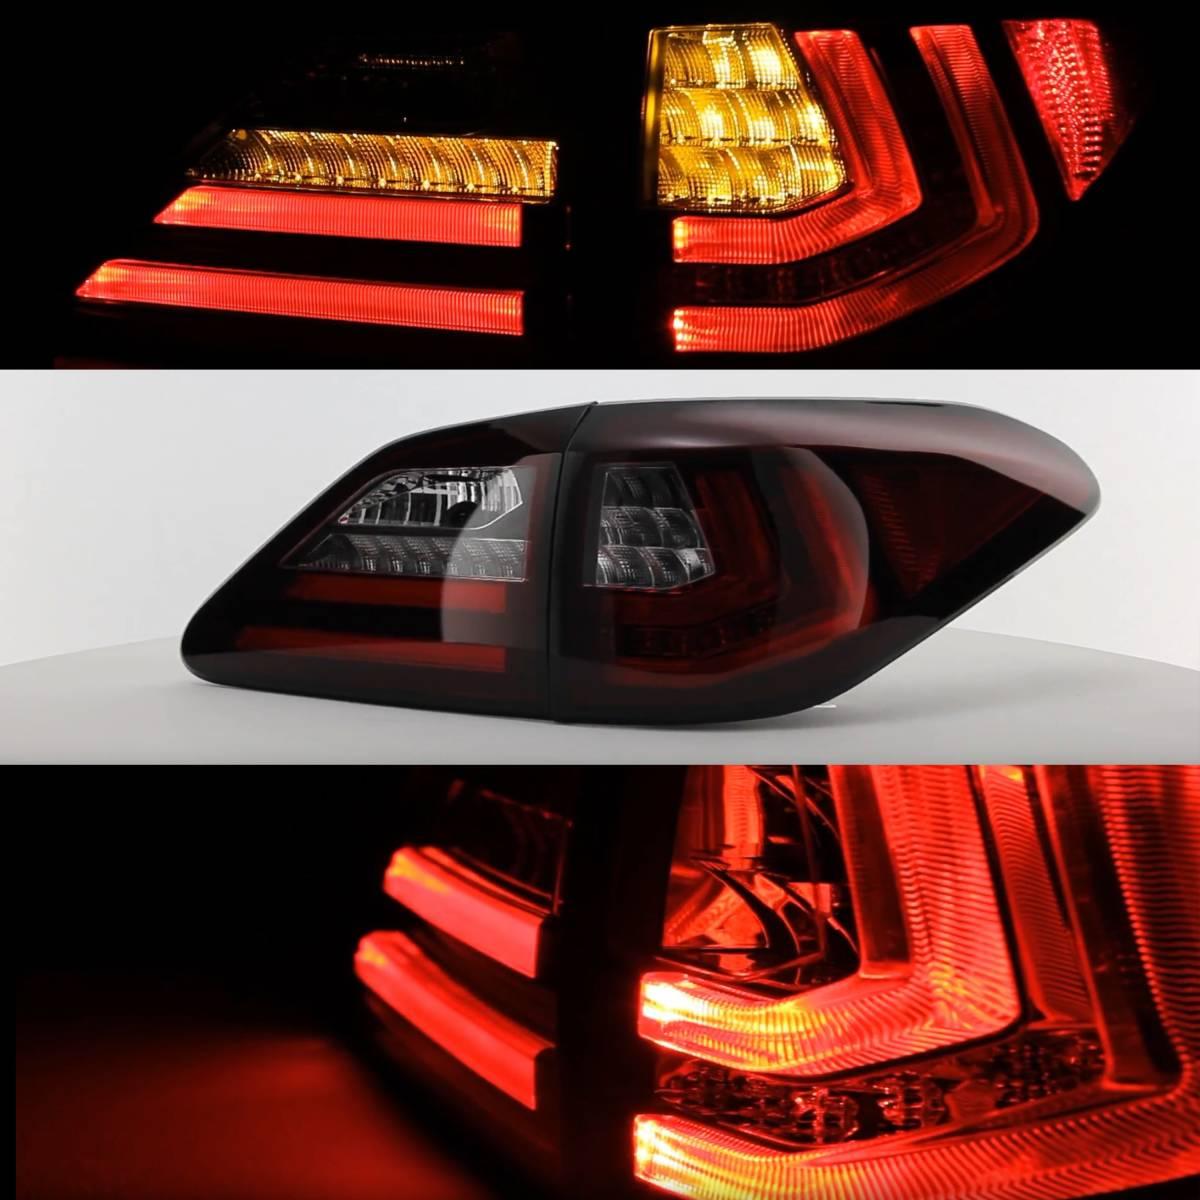 レクサス RX 10系用 20系仕様 流れるウィンカー テール シーケンシャルウィンカー lexus AGL10 GGL10 GGL15 GYL10 GYL15 GYL16 CONSERX_画像4